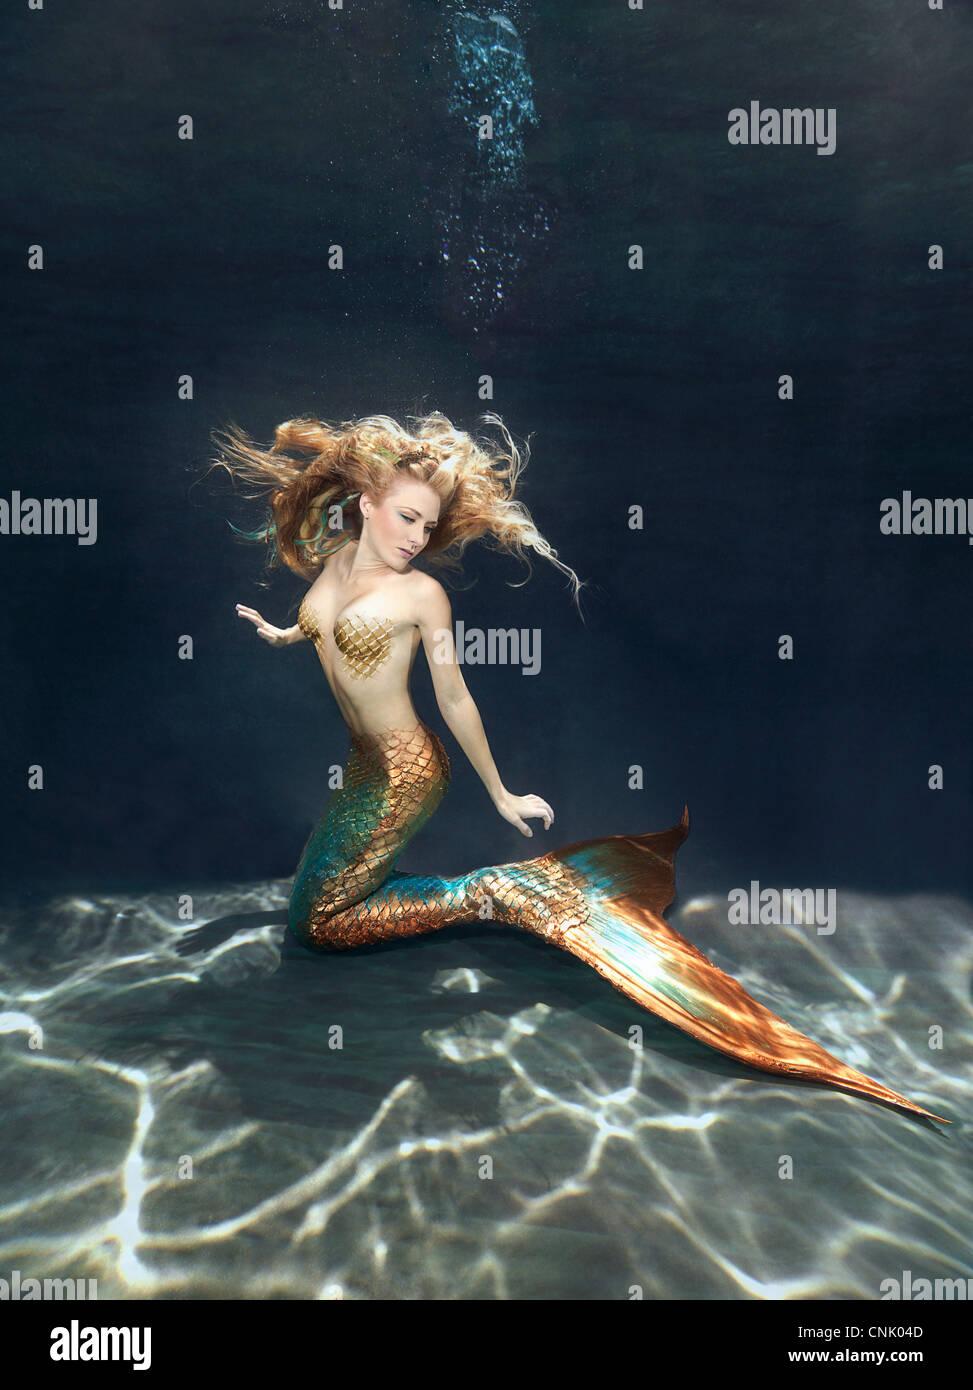 Mermaid underwater kneeling on the sandy bottom of the sea, reaching for her fluke Stock Photo